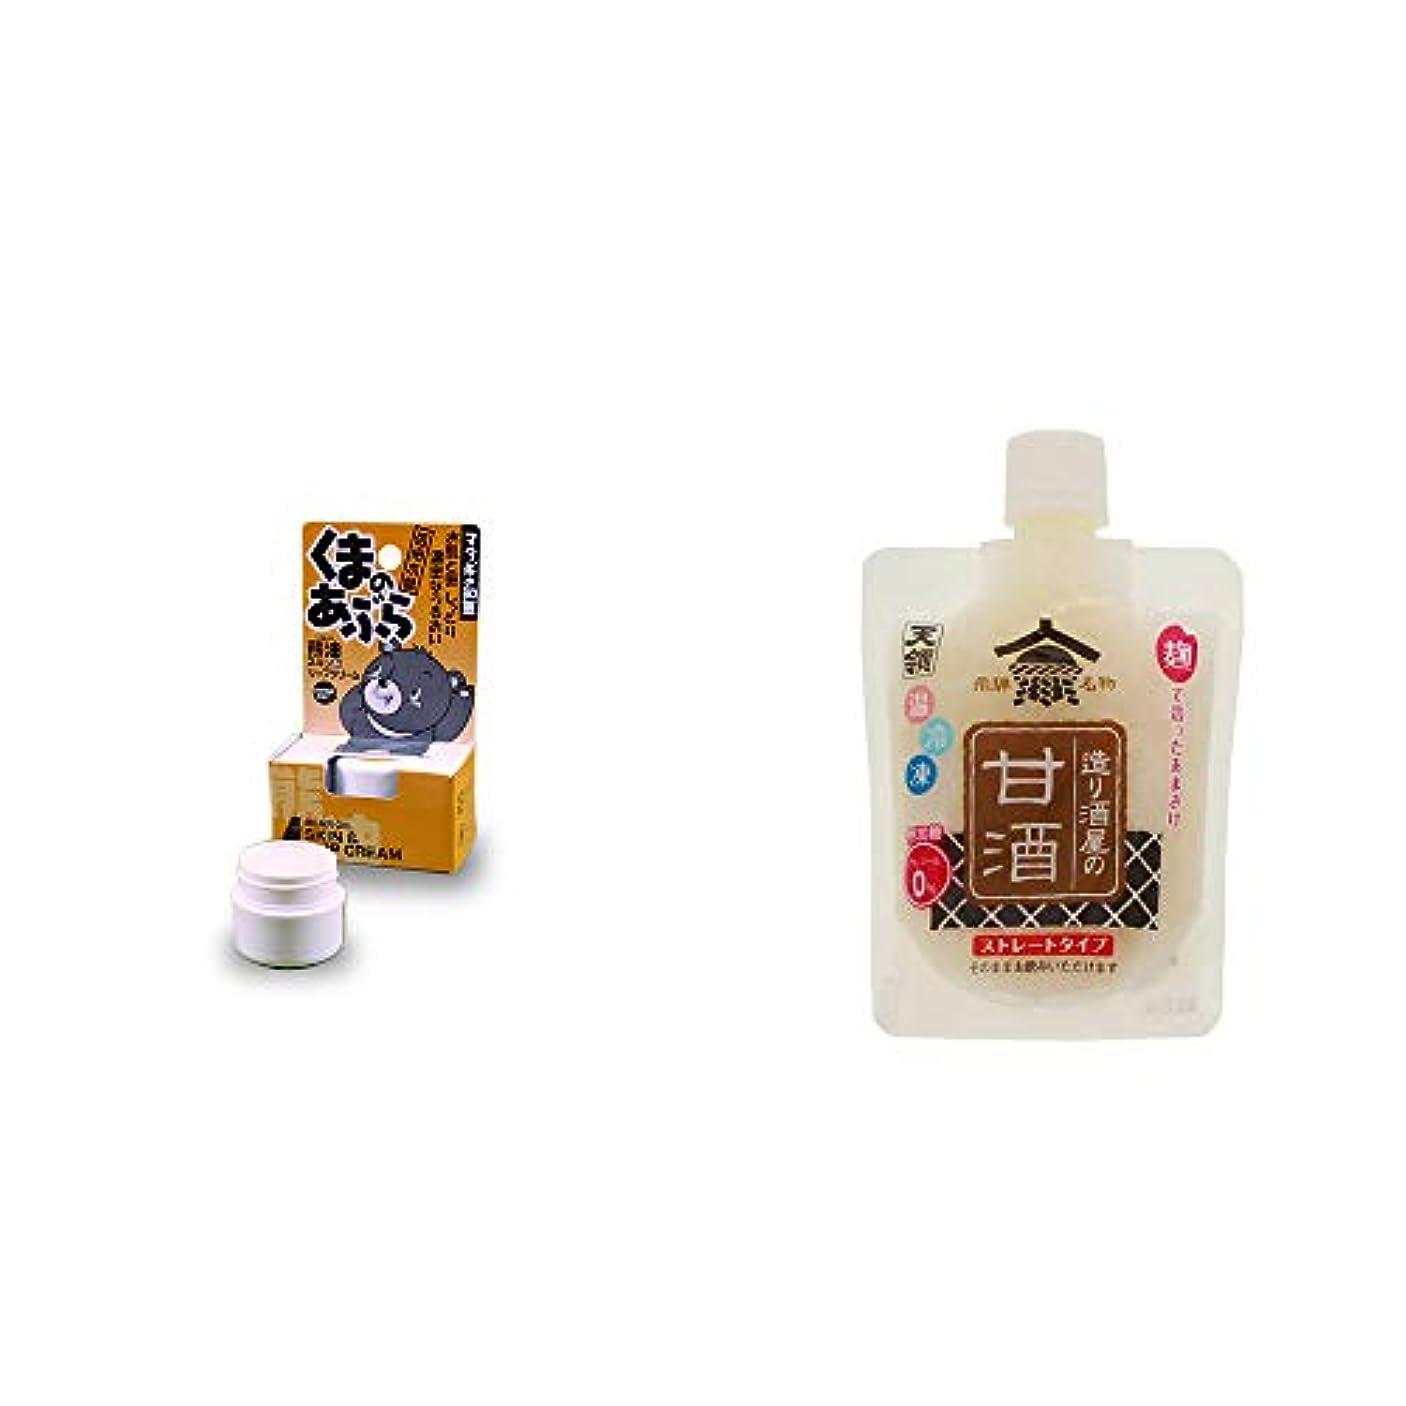 多用途傾斜ポータル[2点セット] 信州木曽 くまのあぶら 熊油スキン&リップクリーム(9g)?天領 造り酒屋の甘酒 ストレートタイプ(130g)